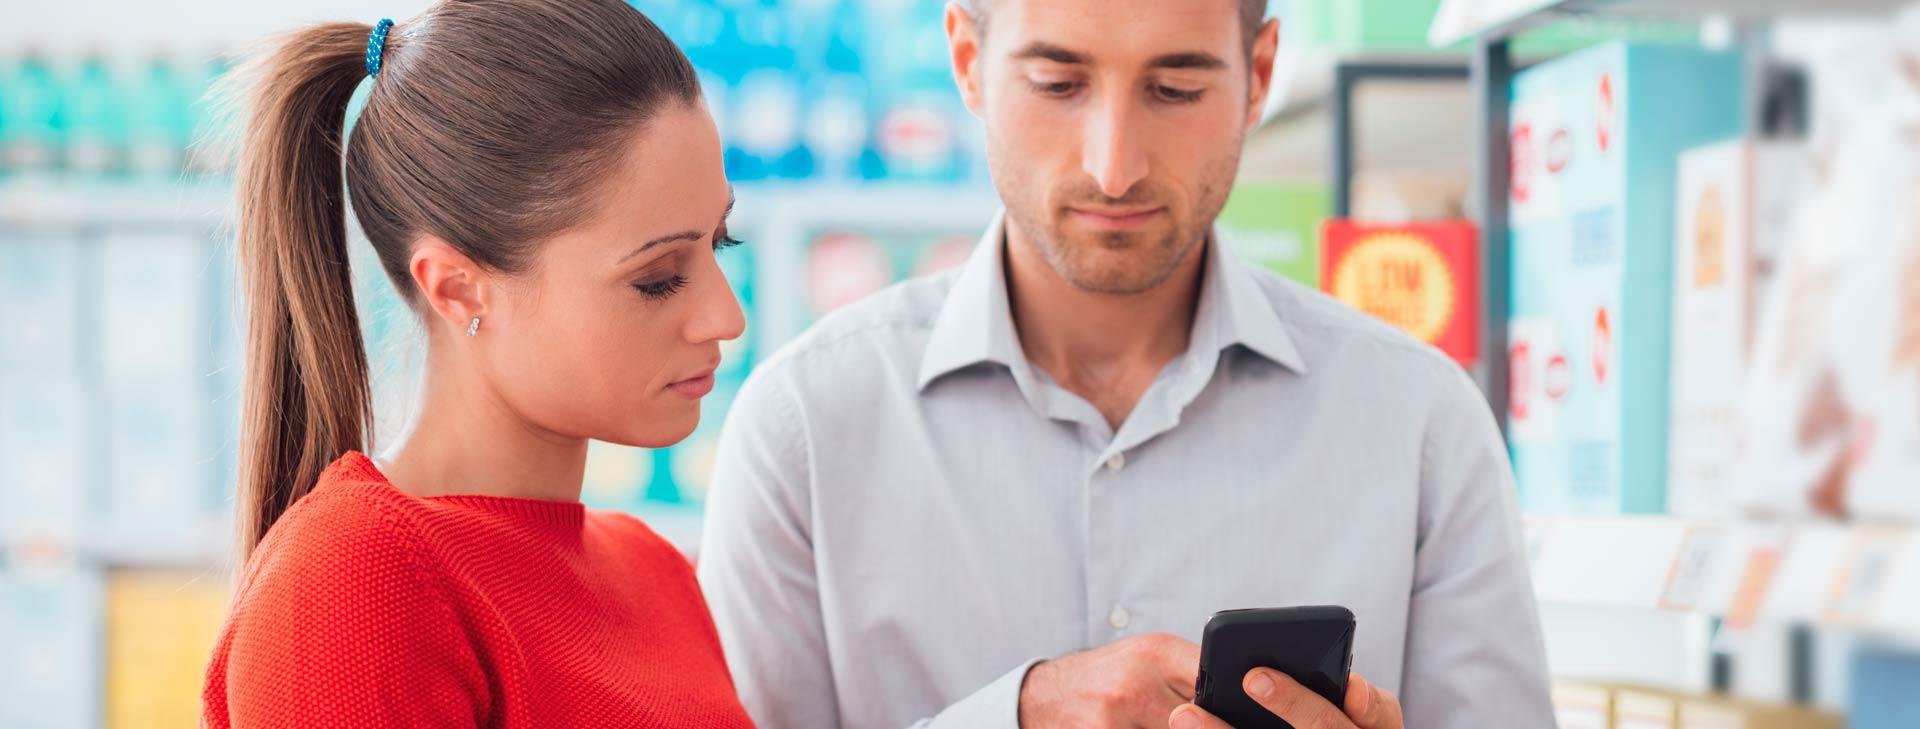 7 trucos para ahorrar haciendo la compra, Oney blog, ahorrar haciendo la compra,